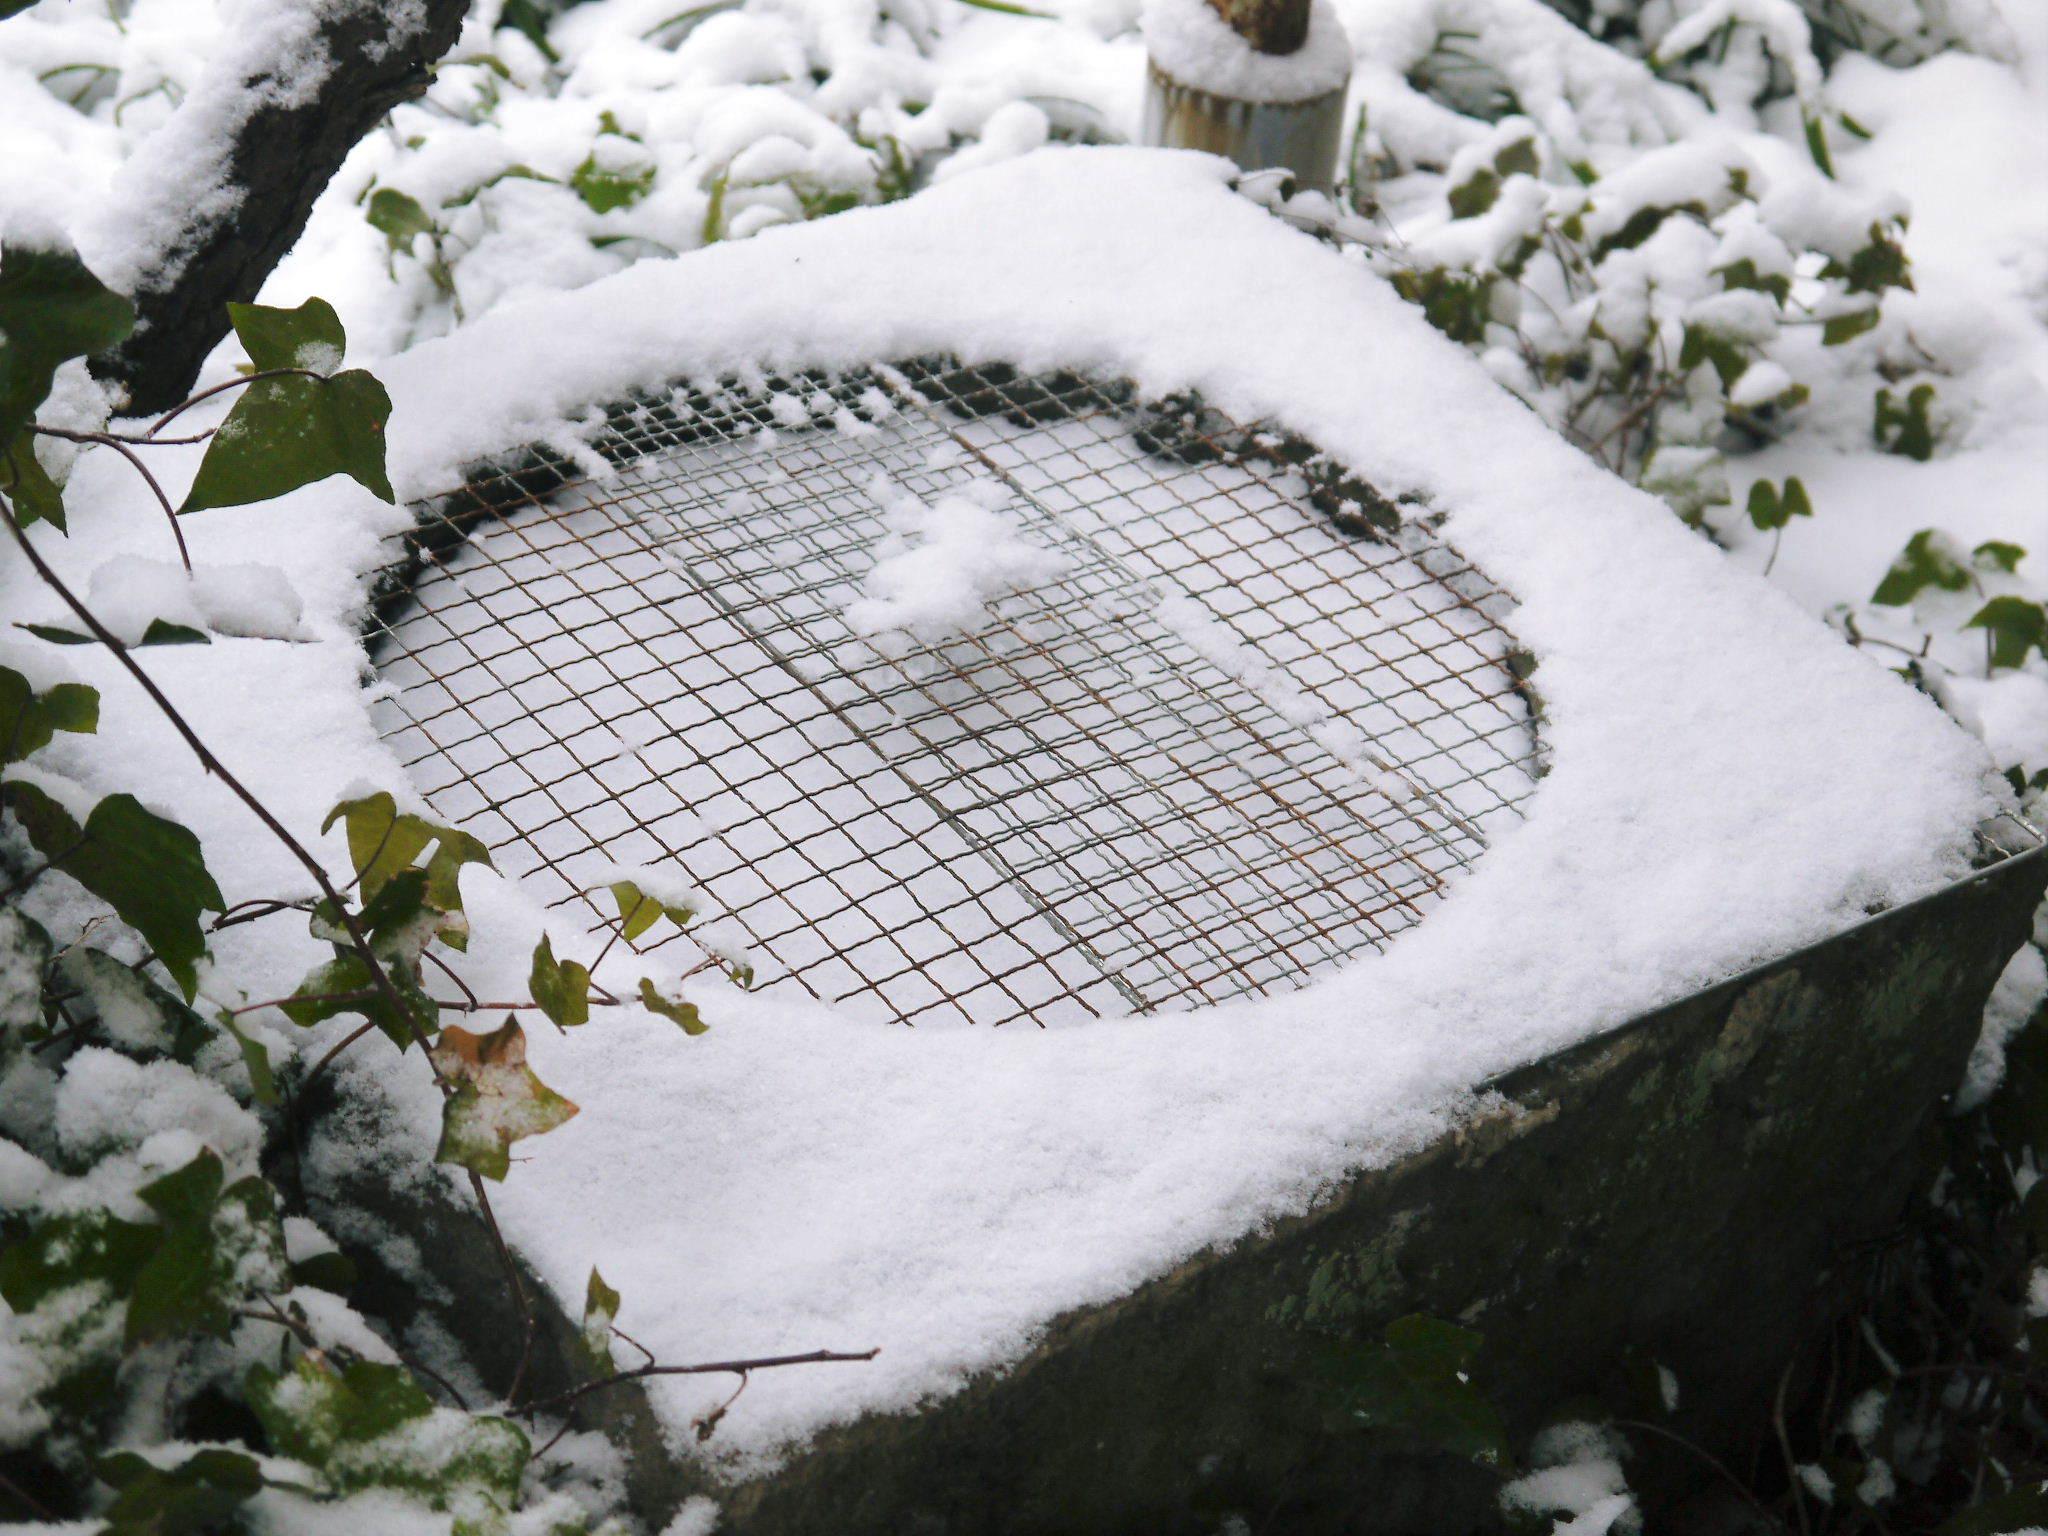 株式会社旬援隊の冬の様子2021 春と思い咲き始めた花々に雪が積もっています!_a0254656_14265581.jpg